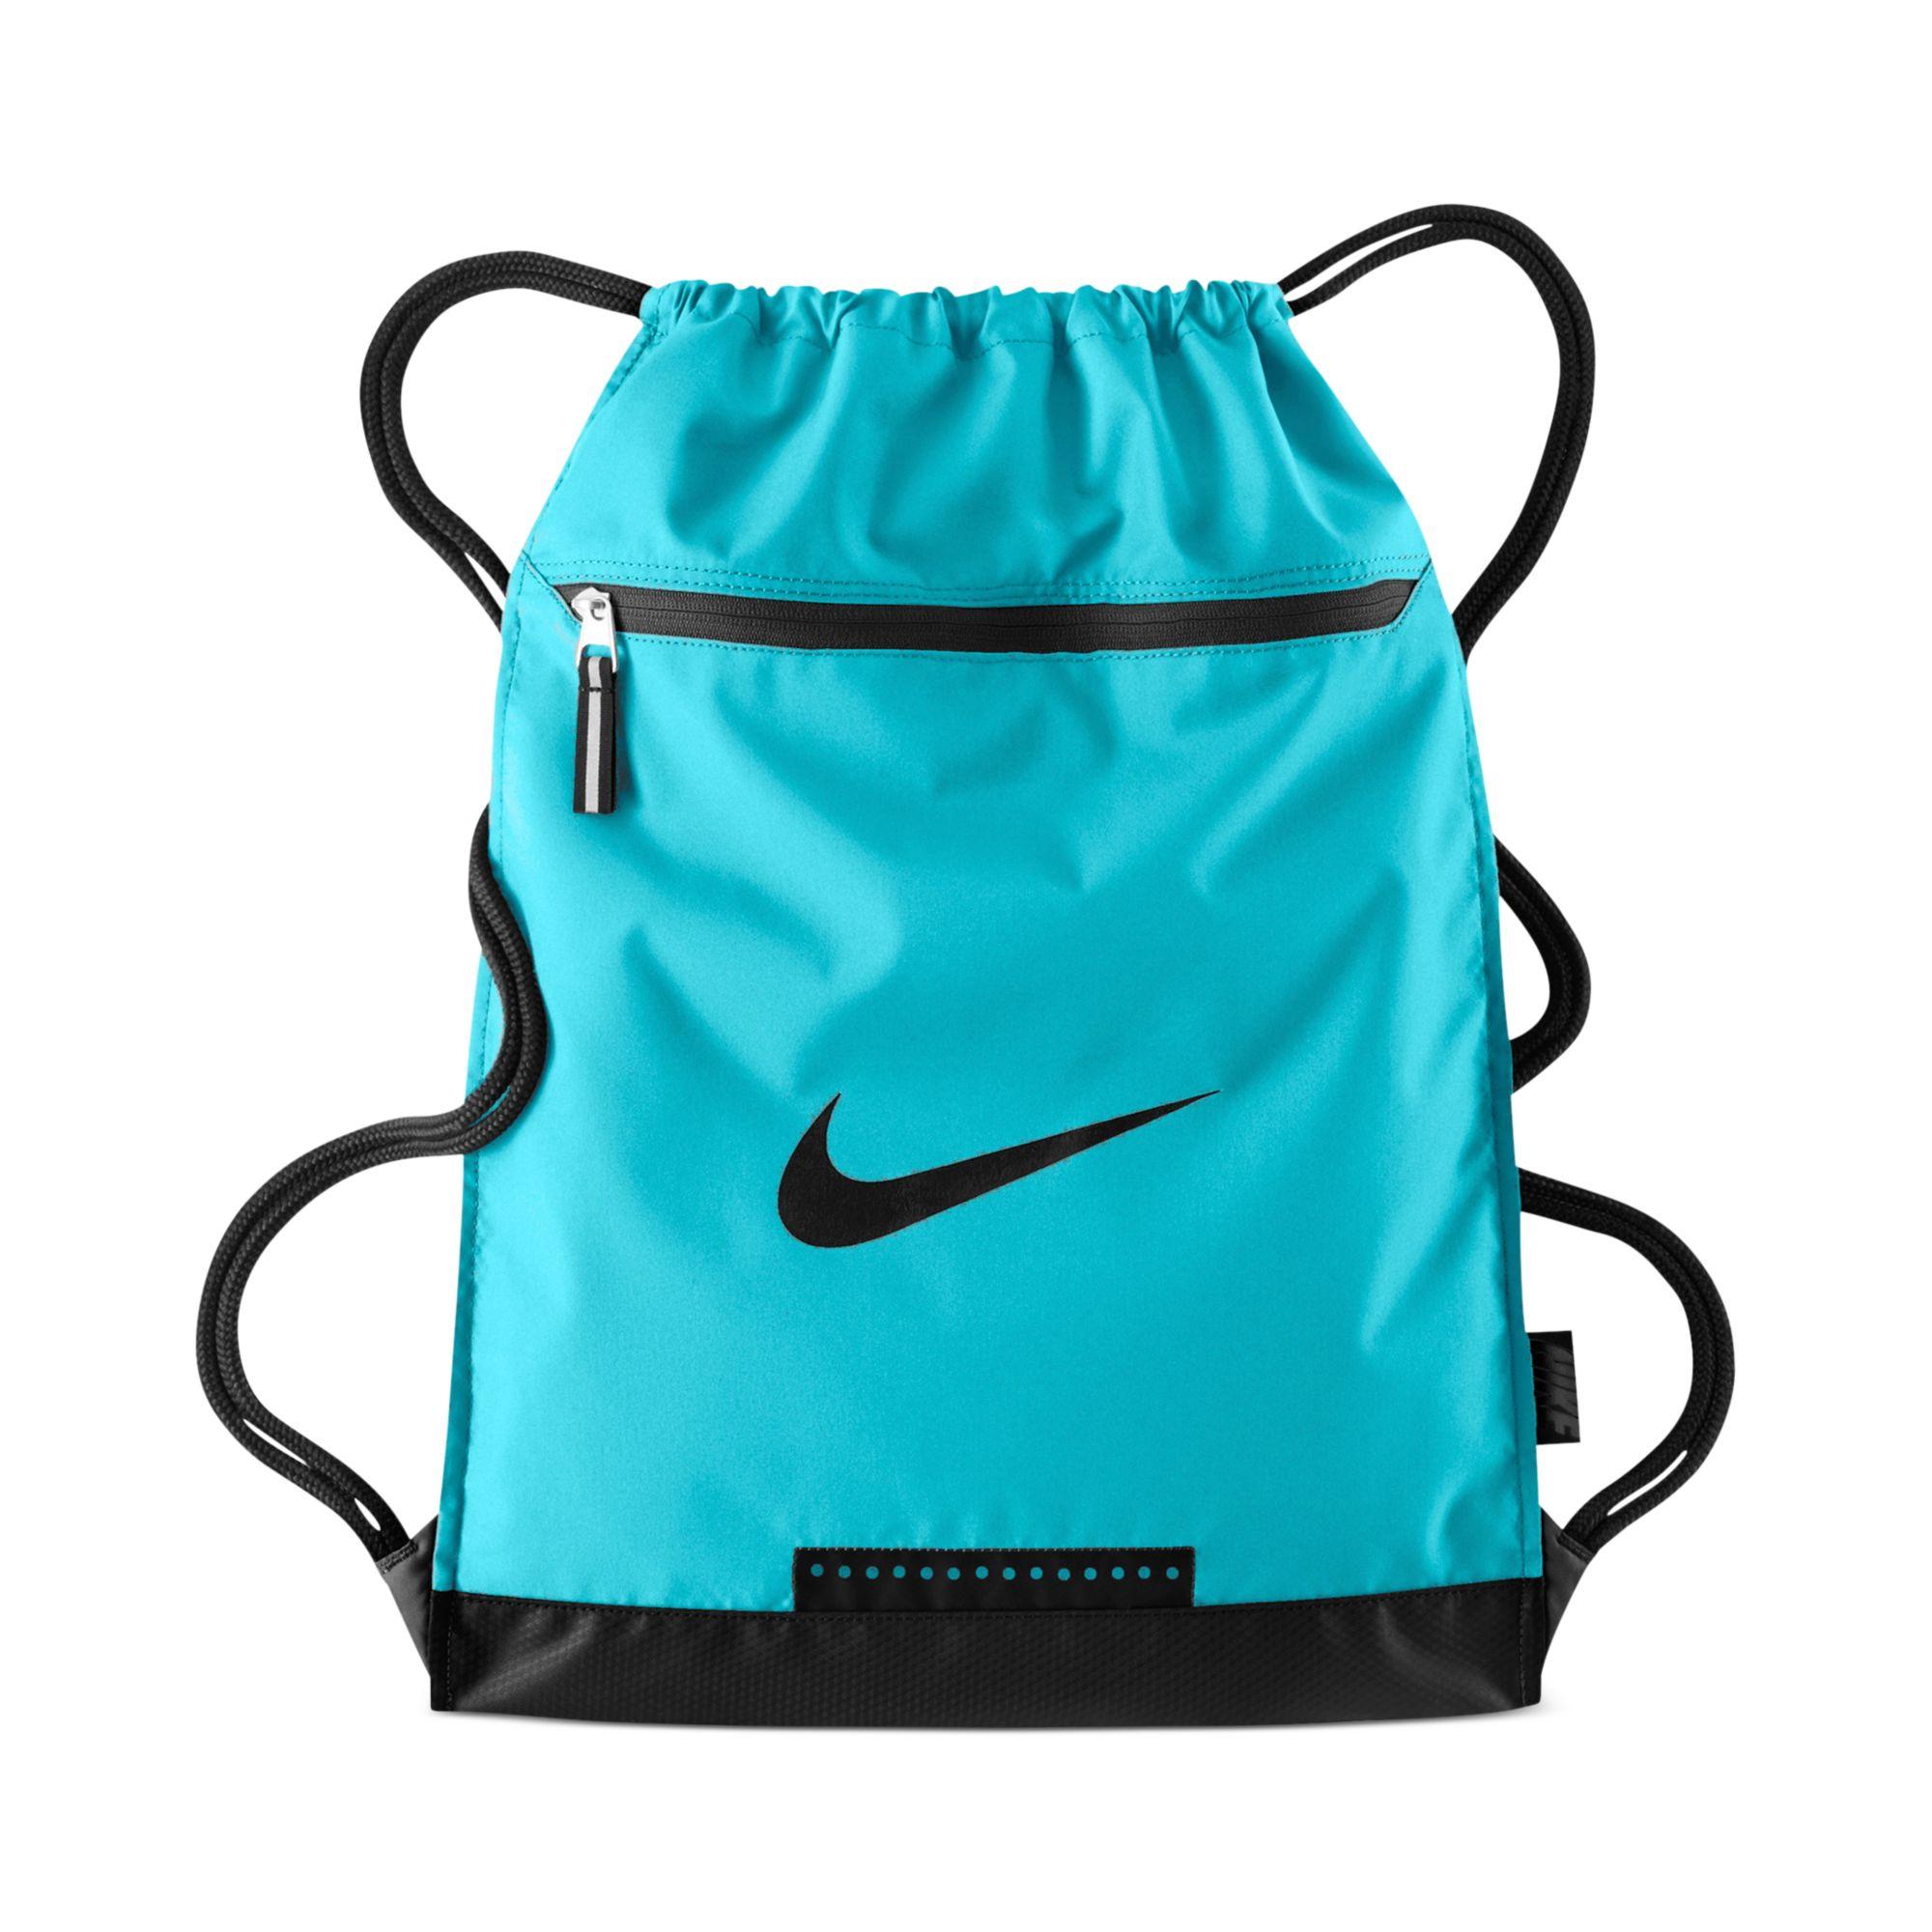 1732843dabb Lyst - Nike Team Training Gymsack Bag in Blue for Men